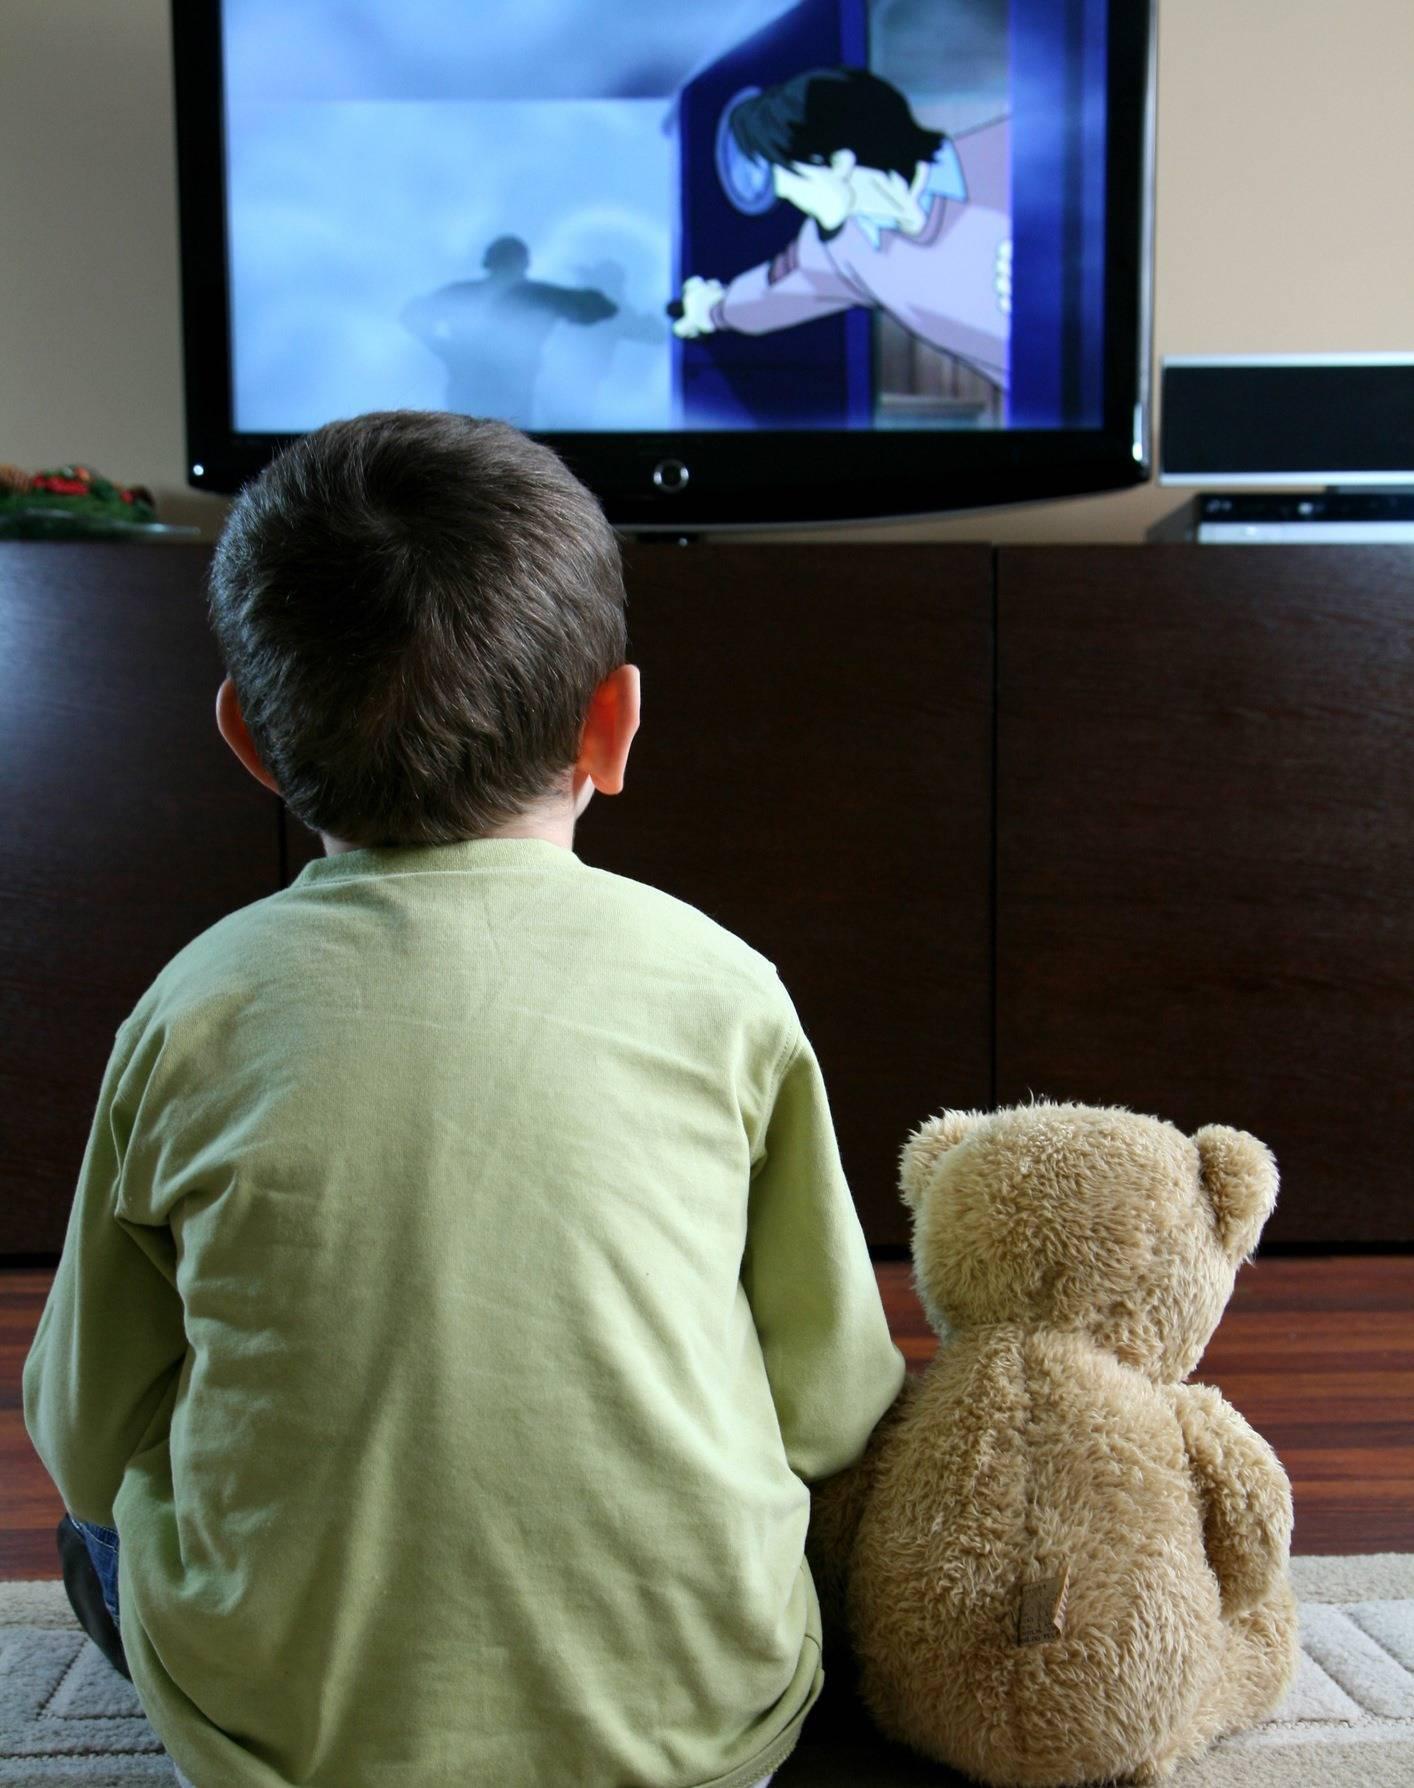 Сколько можно смотреть телевизор дошкольнику?